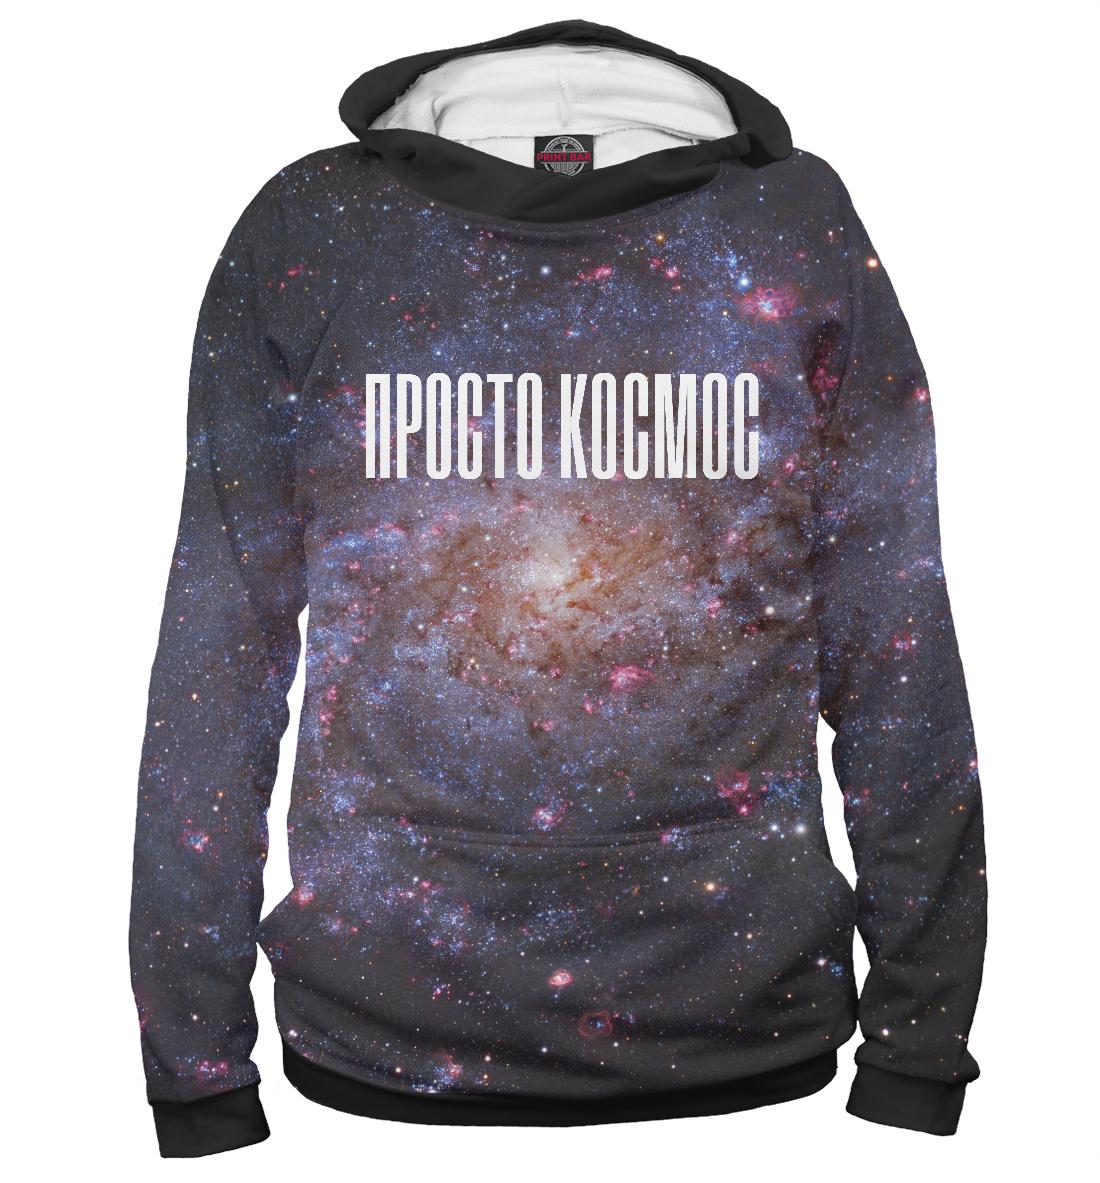 Купить Просто Космос, Printbar, Худи, APD-107197-hud-2